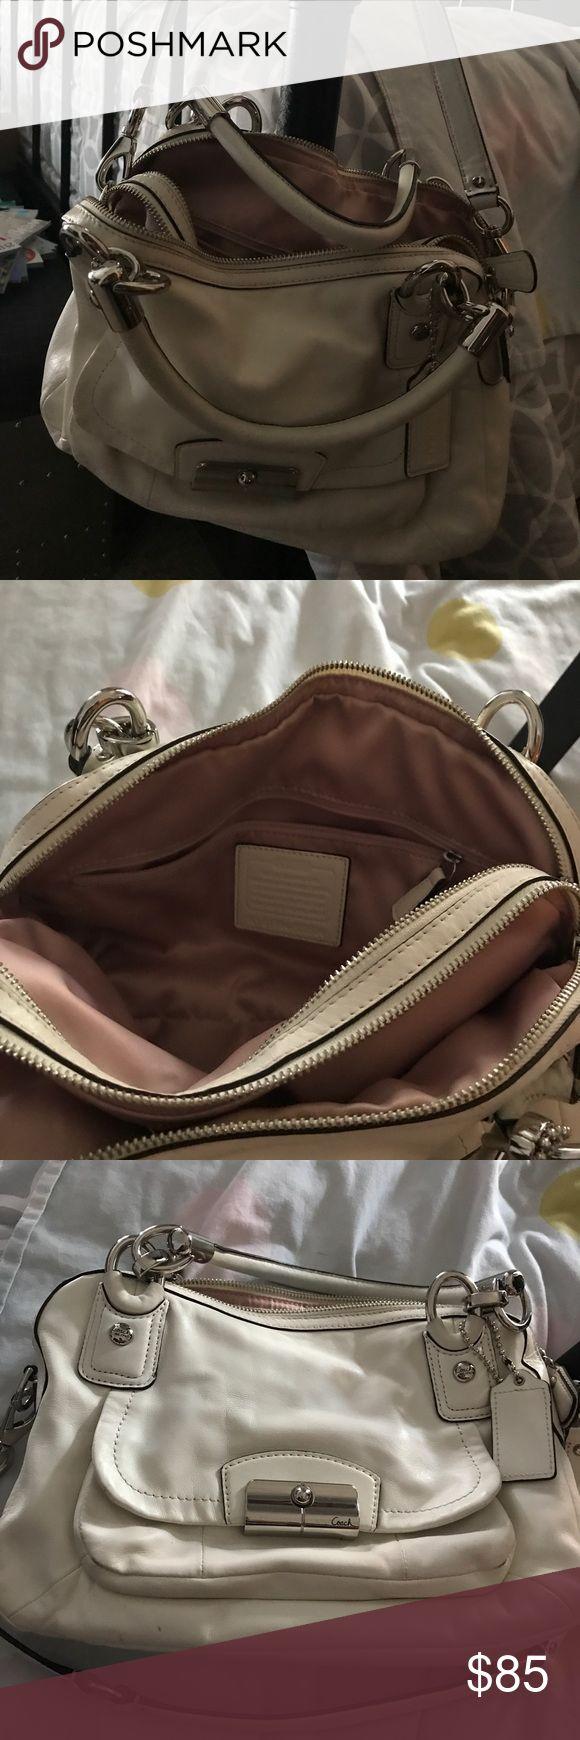 Coach cream color leather handbag Coach soft leather cream colored handbag Coach Bags Satchels